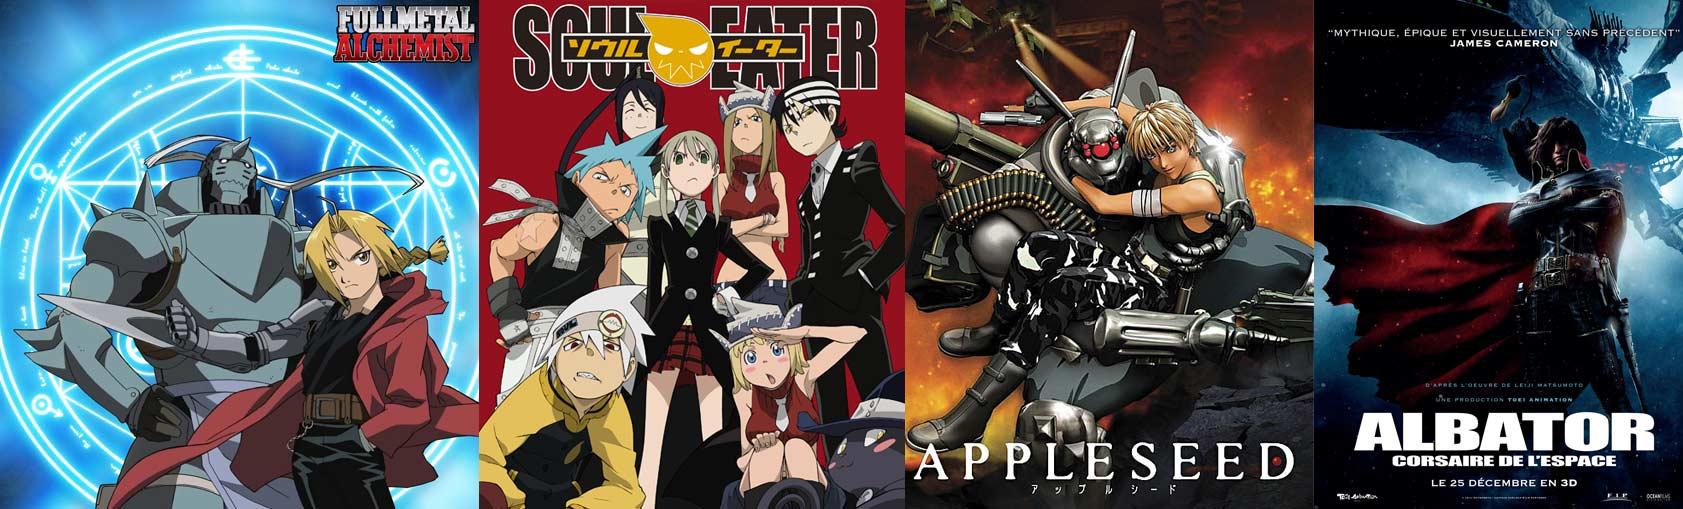 Fullmetal Alchemist, Soul Eater, Appleseed, Albator